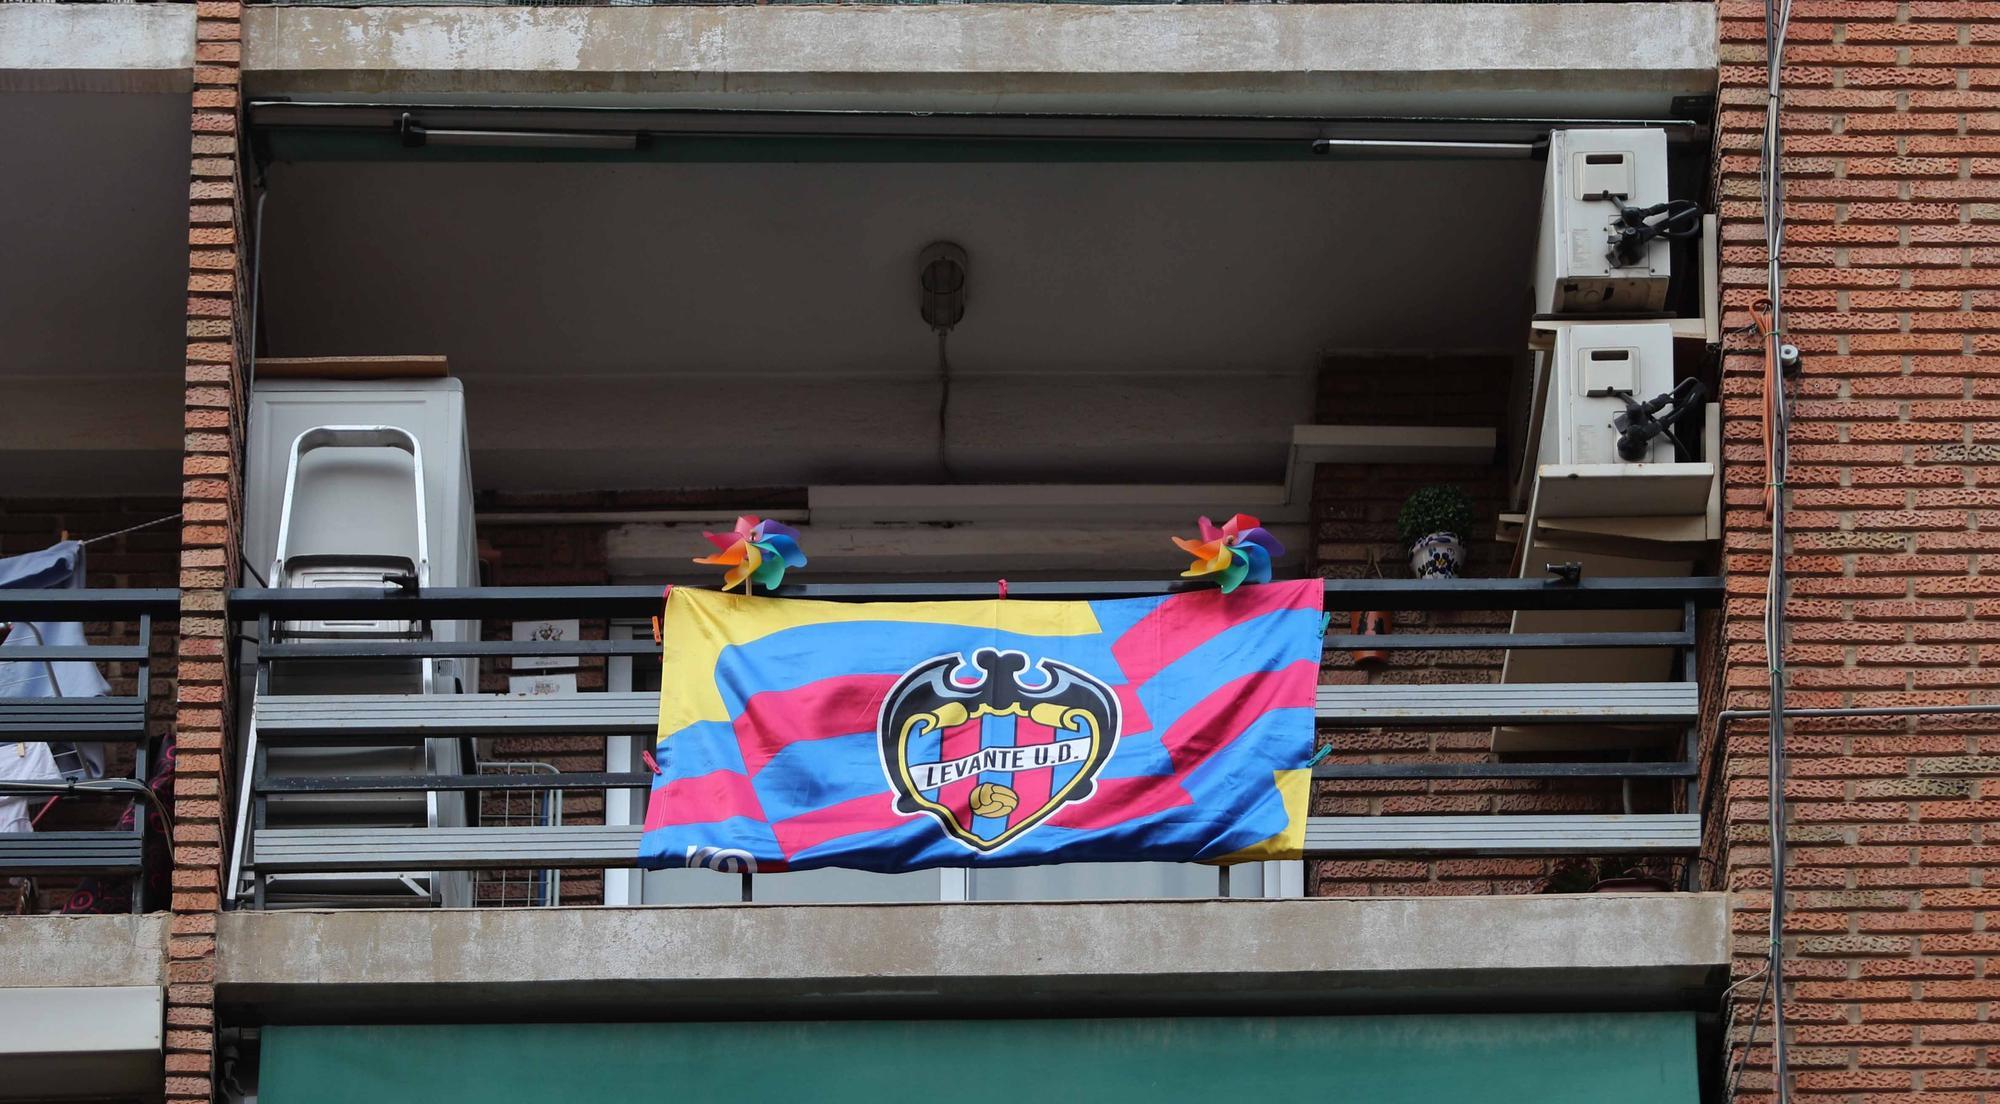 La afición del Levante UD engalana sus balcones